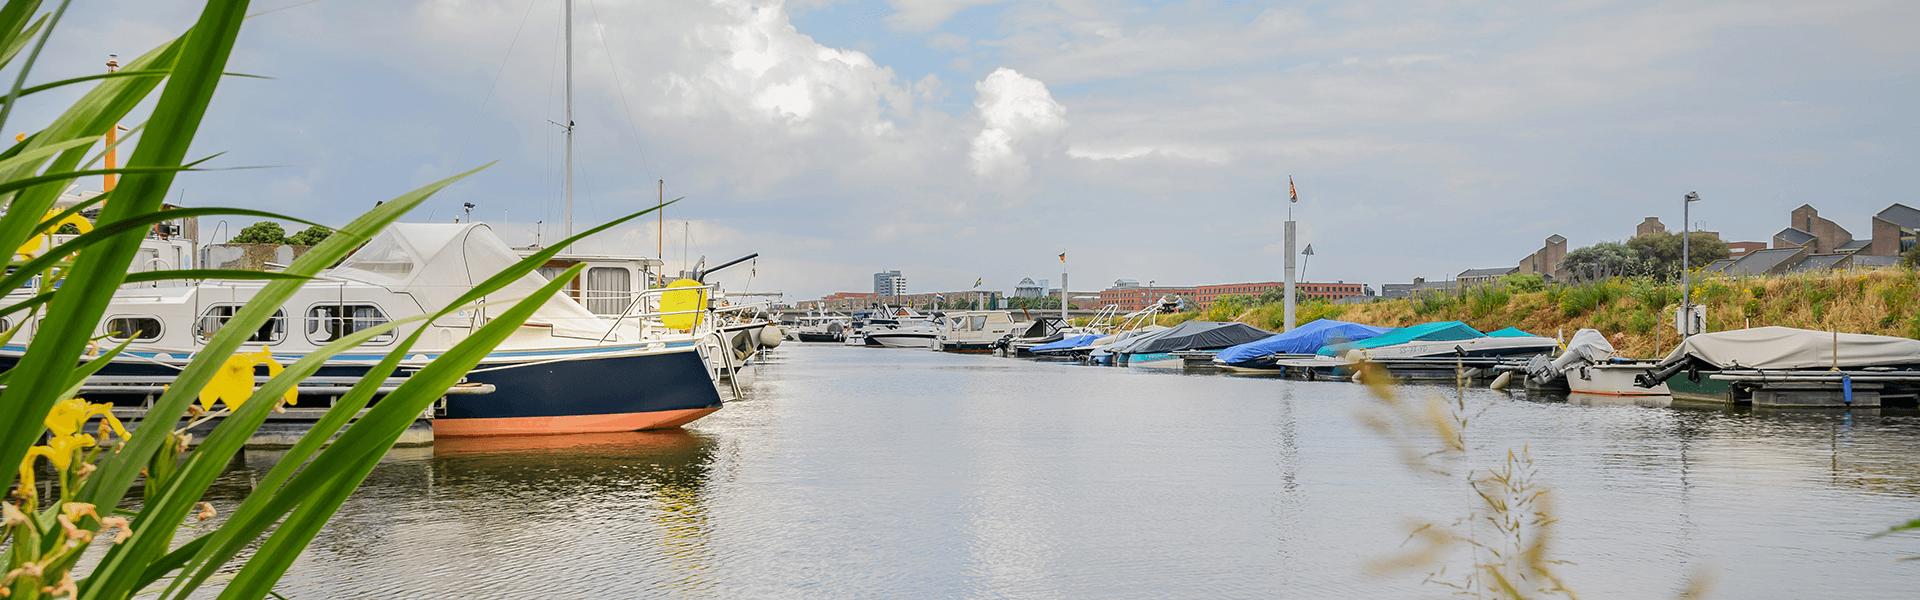 boten-op-water